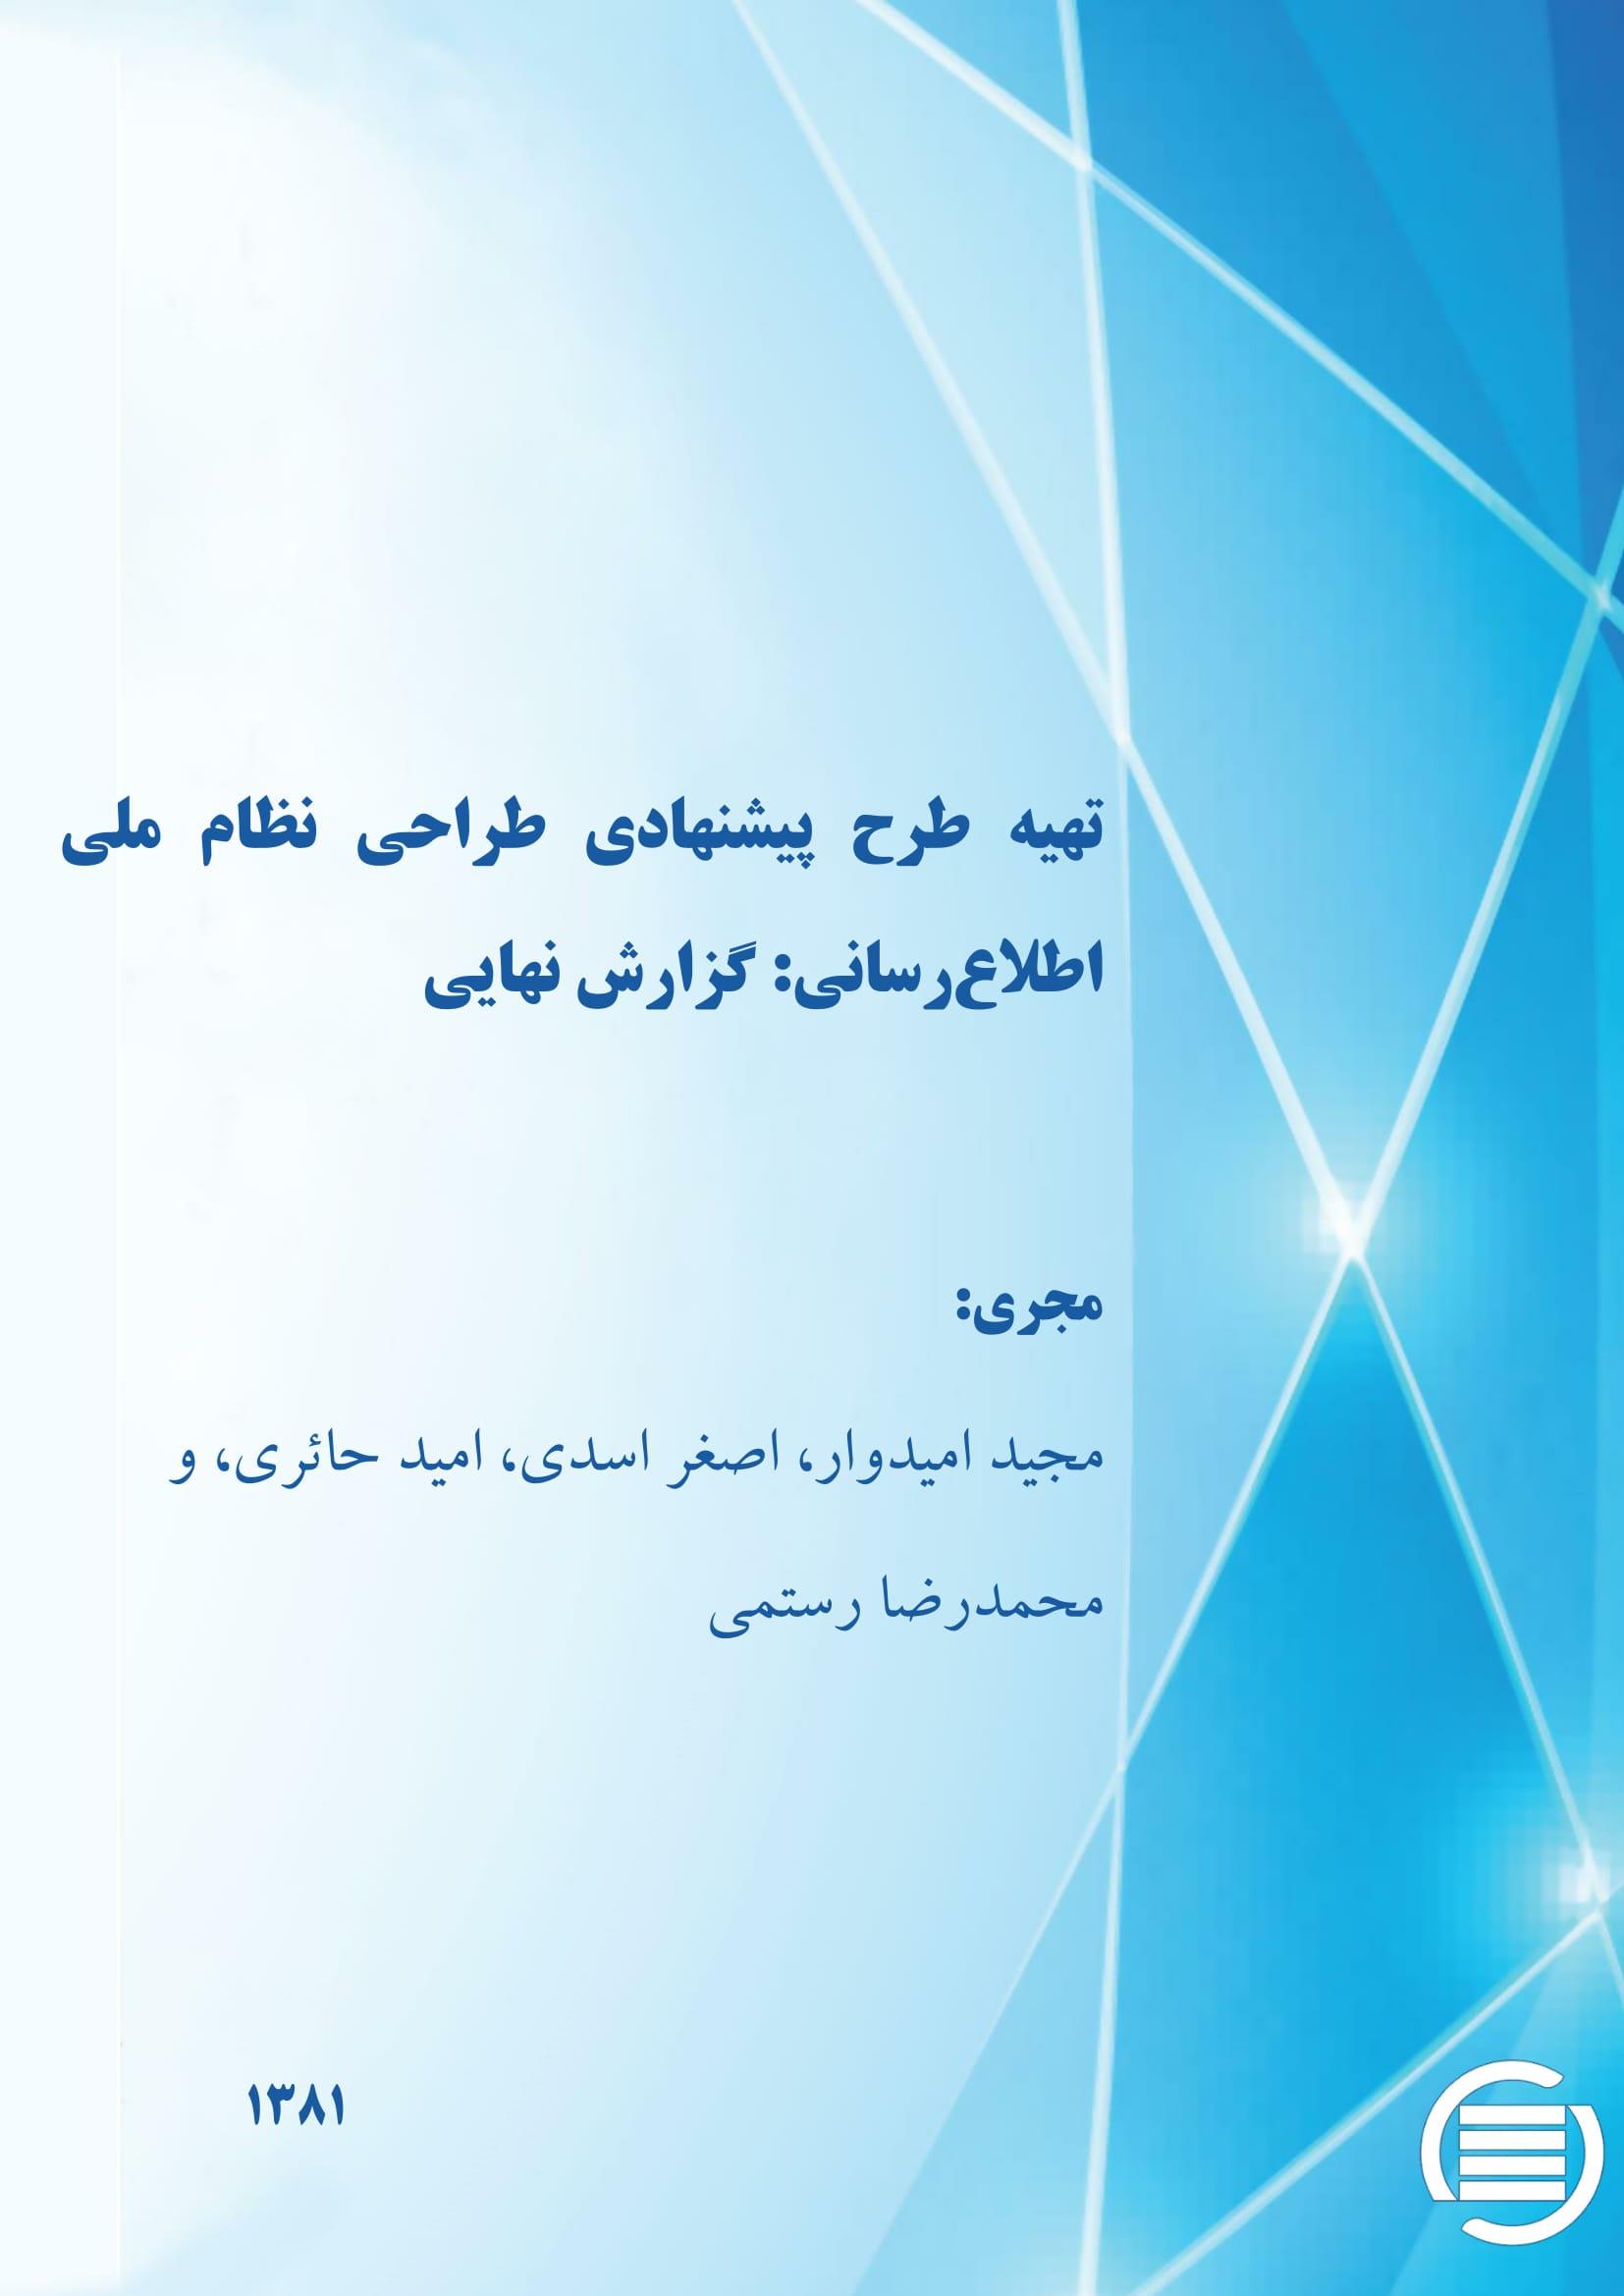 تهیه طرح پیشنهادی طراحی نظام ملی اطلاعرسانی، گزارش نهایی